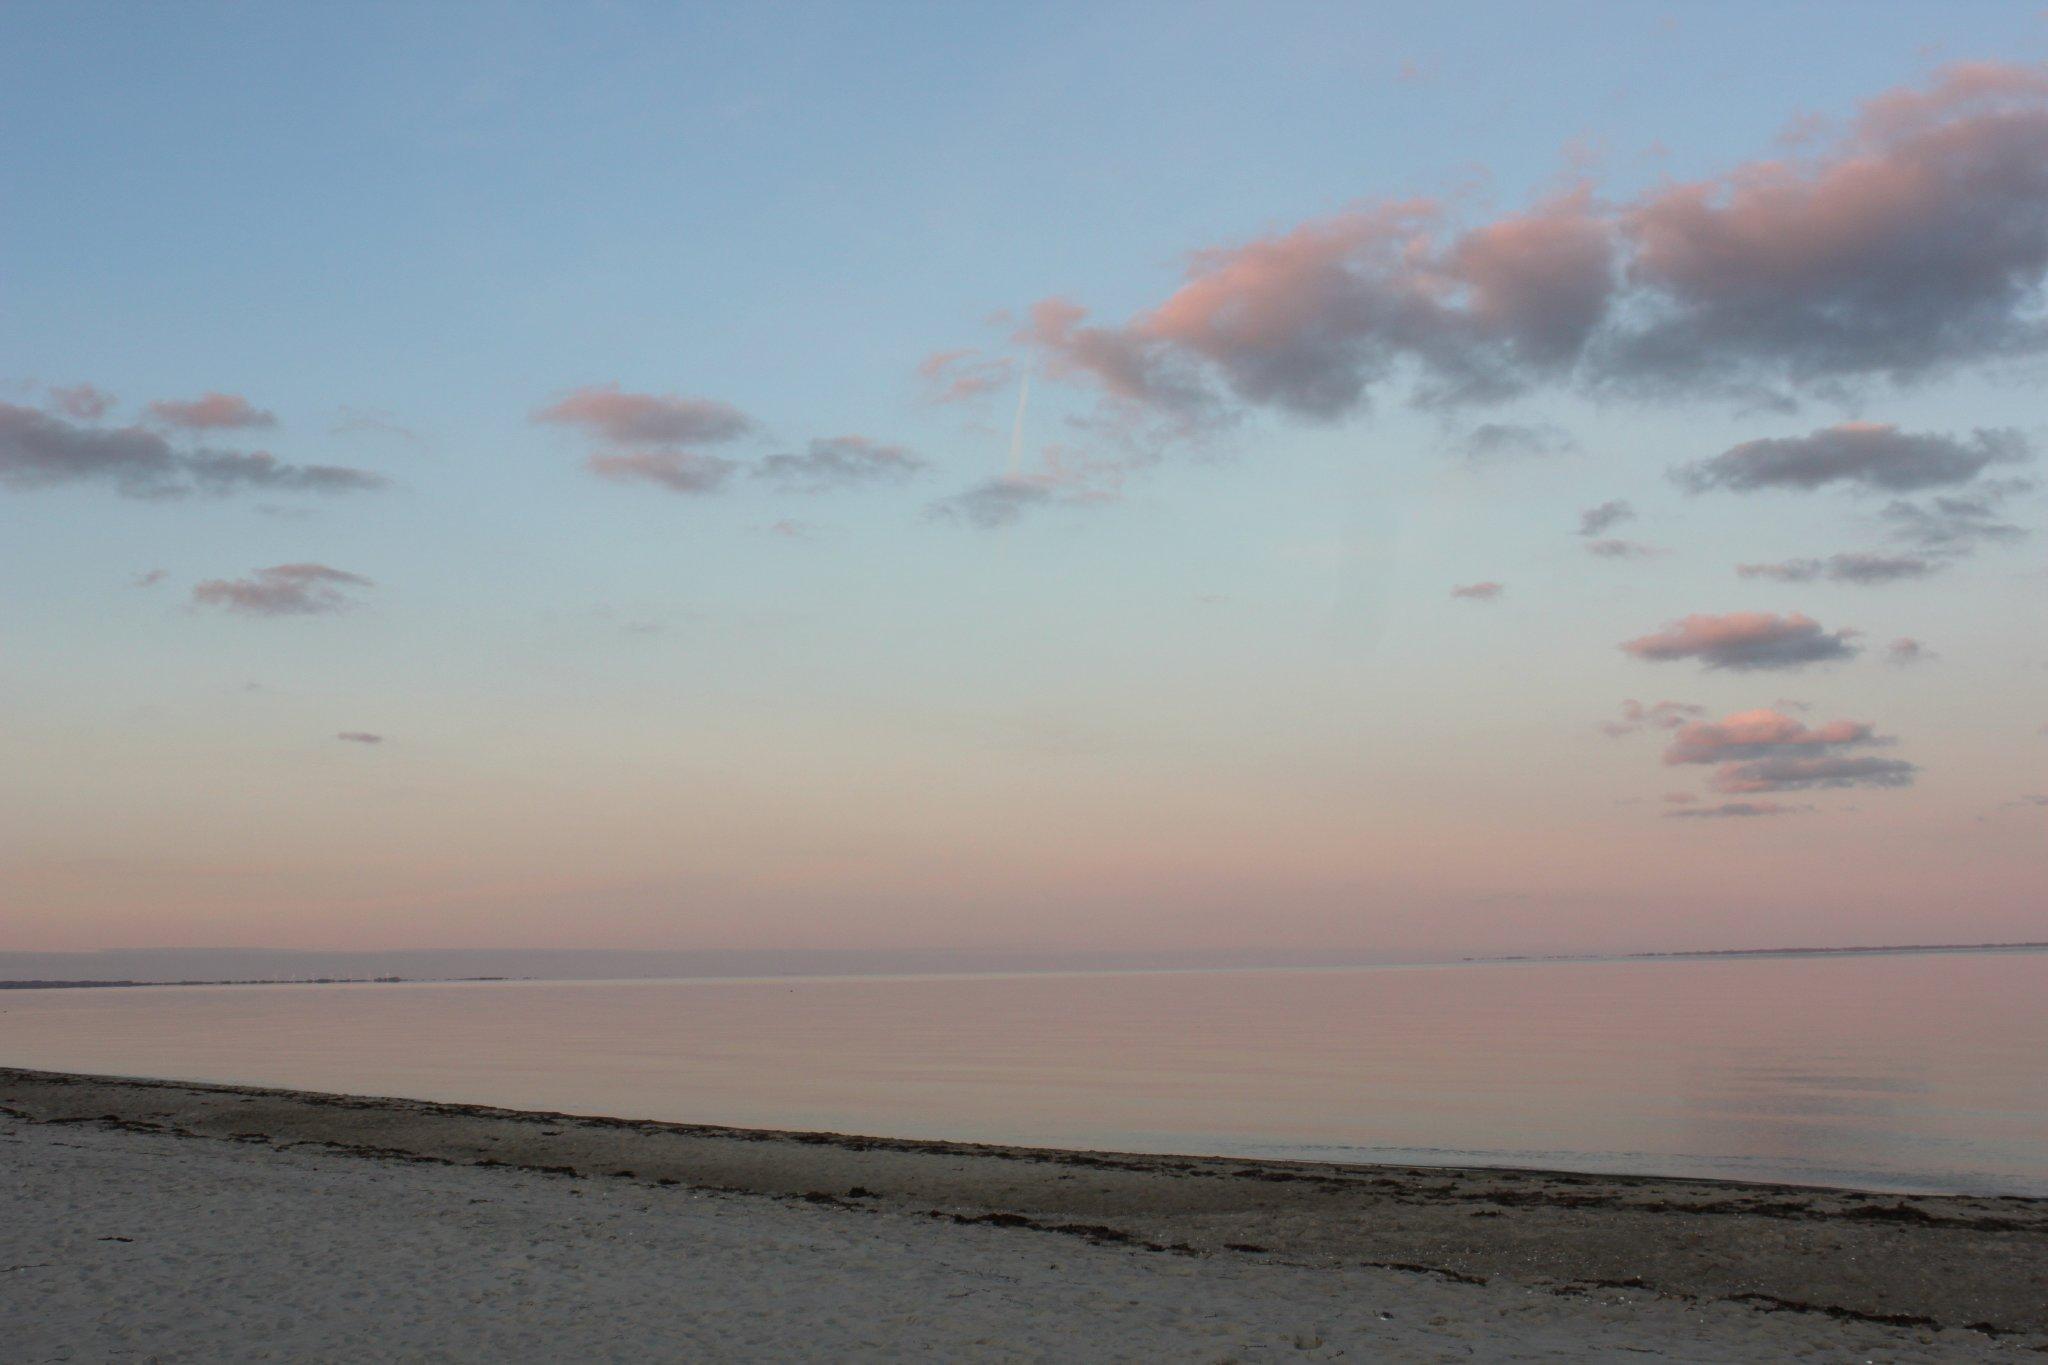 Geh- und Radweg entlang des Strandes